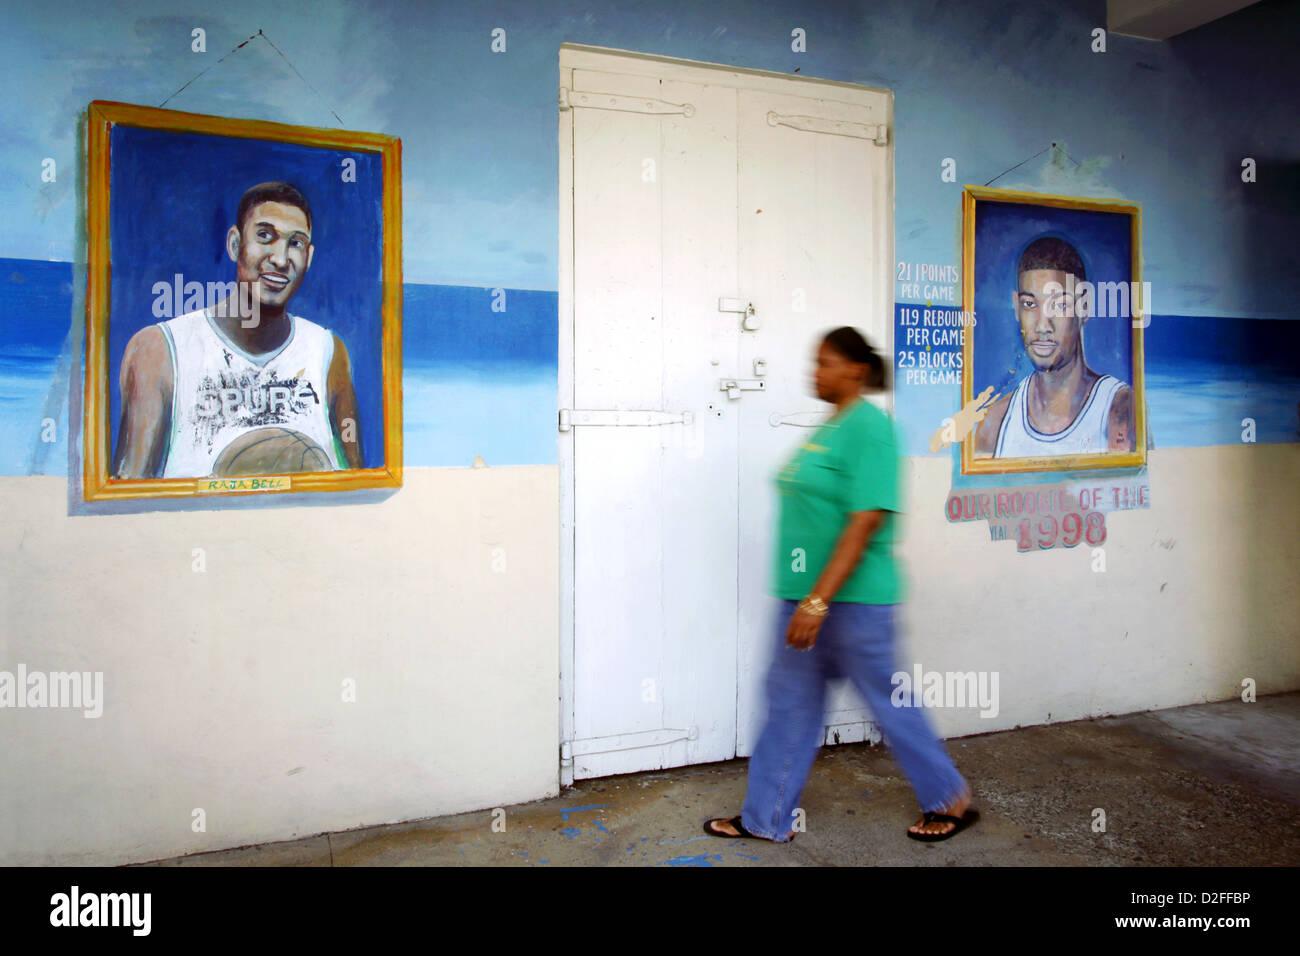 restaurant wall art stock photos restaurant wall art stock images